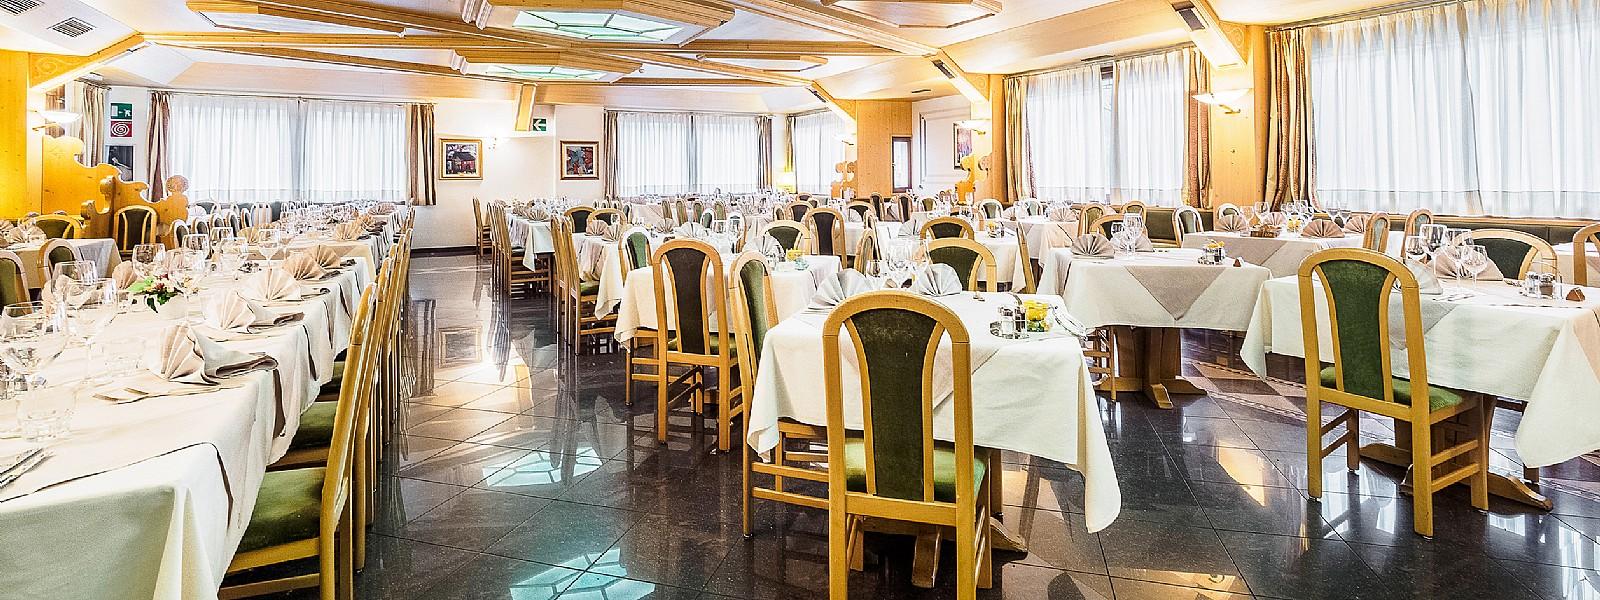 HOTEL SANT ANTON 4* - Bormio